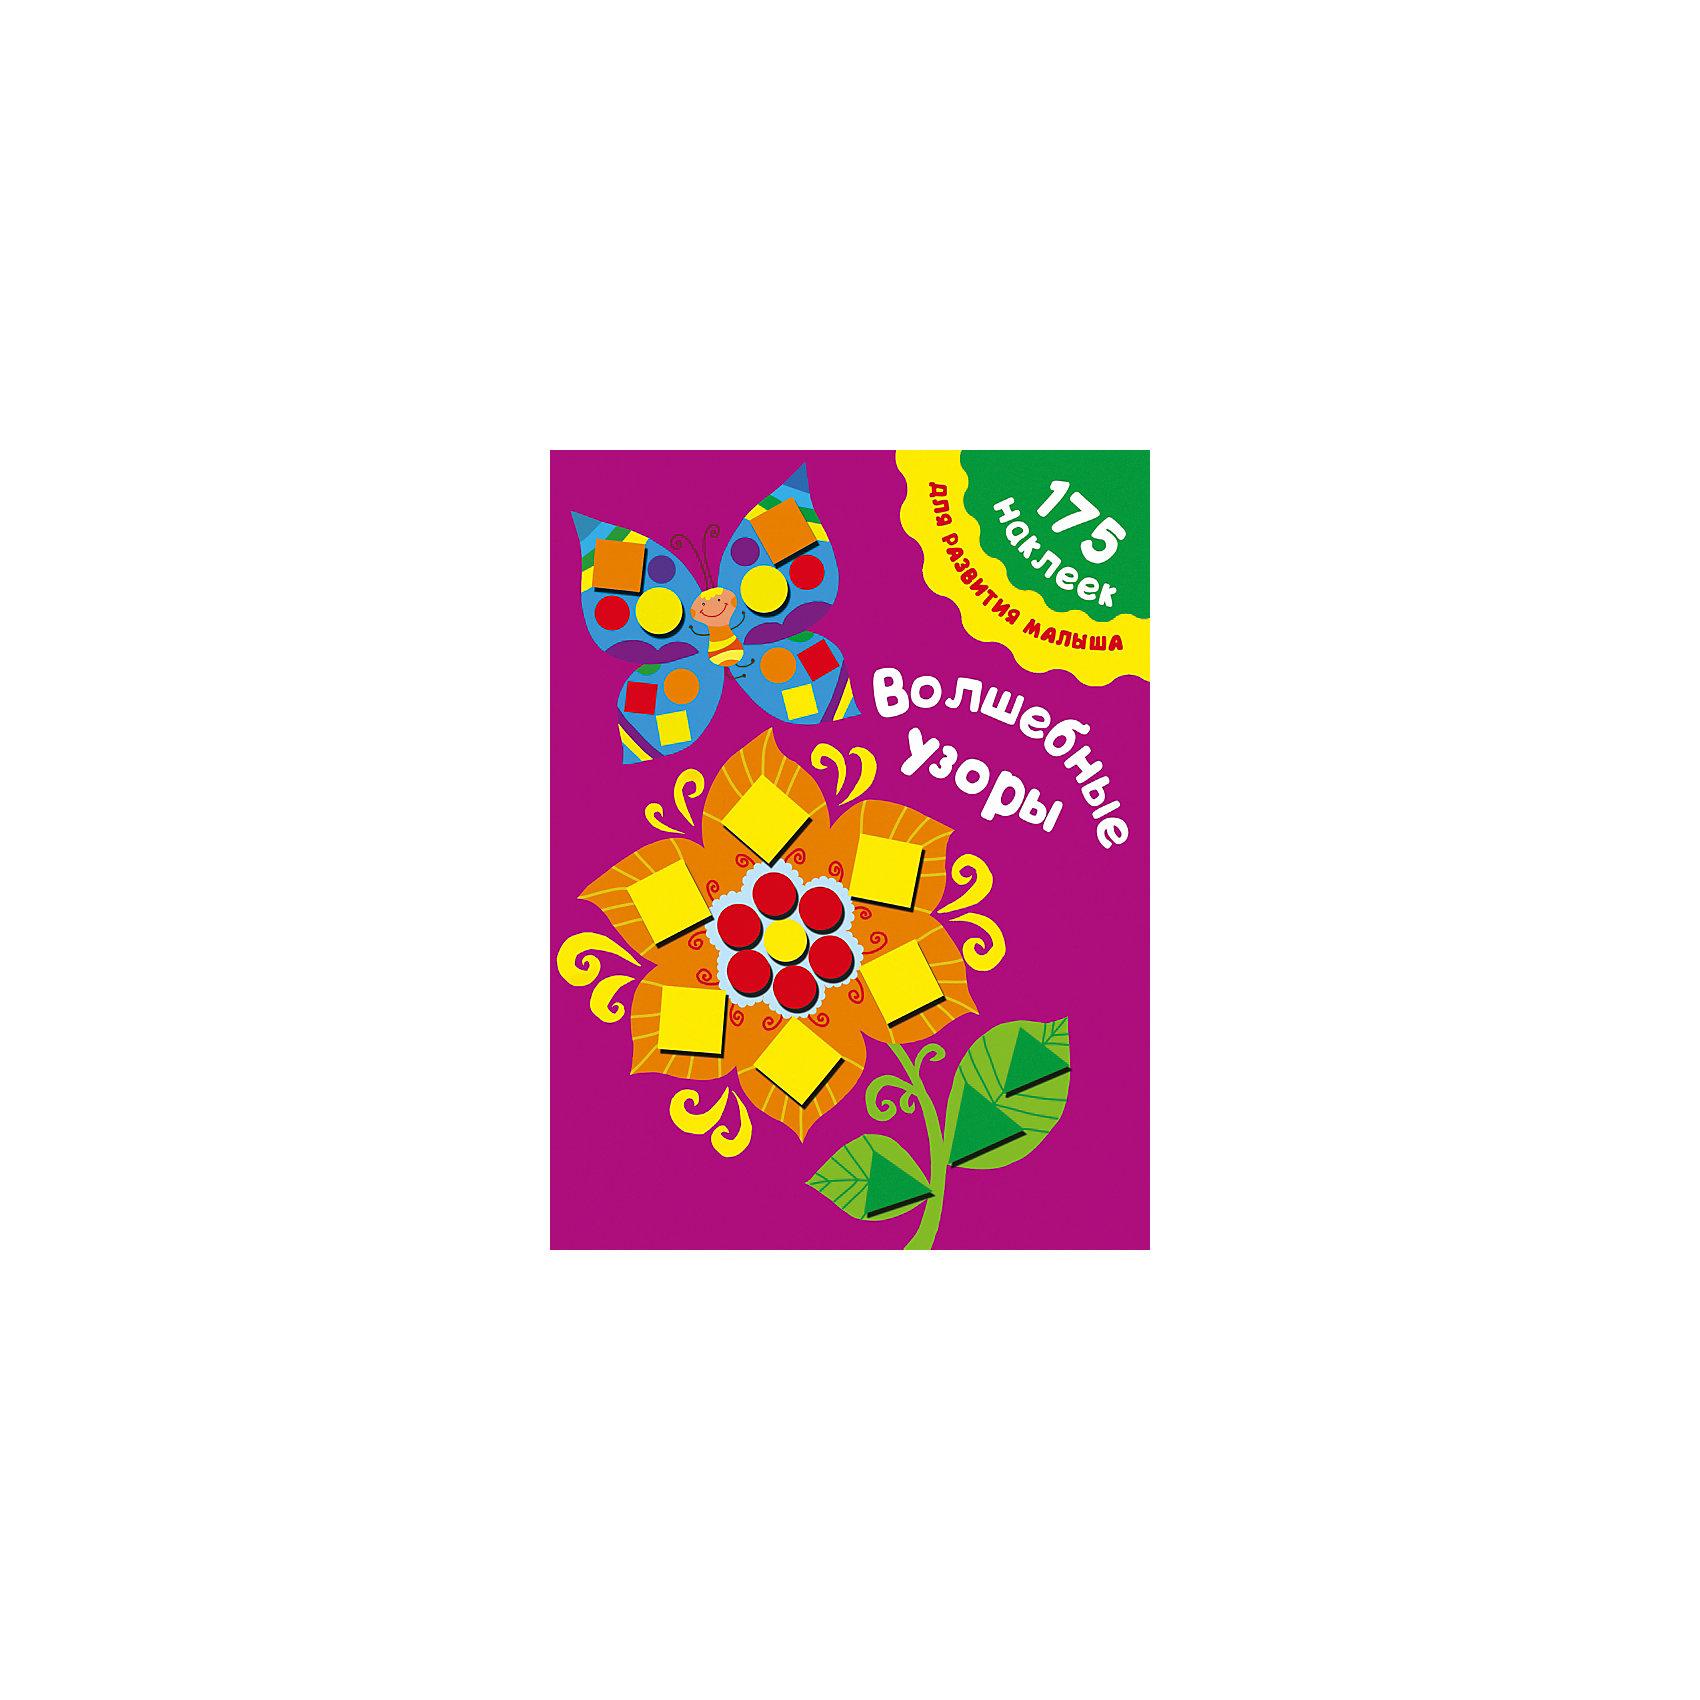 Развивающая книга с наклейками Волшебные узорыРазвивающая книга с наклейками Волшебные узоры – эта книга поможет малышу легко запомнить цвета и названия геометрических фигур.<br>Развивающая книга Волшебные узоры содержит 175 наклеек разных цветов, геометрических форм и размеров, которыми нужно украсить цветы в волшебном саду. Играя с наклейками и выполняя задания, малыш узнает, как называются цвета и геометрические фигуры, научится сравнивать предметы по размеру и потренирует пальчики. Для дошкольного возраста. Для занятий взрослых с детьми (текст читают взрослые).<br><br>Дополнительная информация:<br><br>- Автор: Малышкина Мария Викторовна<br>- Художник: Двинина Л. В.<br>- Издательство: АСТ, 2015 г.<br>- Серия: 175 наклеек для развития малыша<br>- Тип обложки:  мягкий переплет (крепление скрепкой или клеем)<br>- Оформление: с наклейками<br>- Иллюстрации: цветные<br>- Страниц: 8 (мелованная)<br>- Размер: 279x210x2 мм.<br>- Вес: 64 гр.<br><br>Развивающую книгу с наклейками Волшебные узоры можно купить в нашем интернет-магазине.<br><br>Ширина мм: 210<br>Глубина мм: 10<br>Высота мм: 280<br>Вес г: 65<br>Возраст от месяцев: 48<br>Возраст до месяцев: 72<br>Пол: Унисекс<br>Возраст: Детский<br>SKU: 4282261